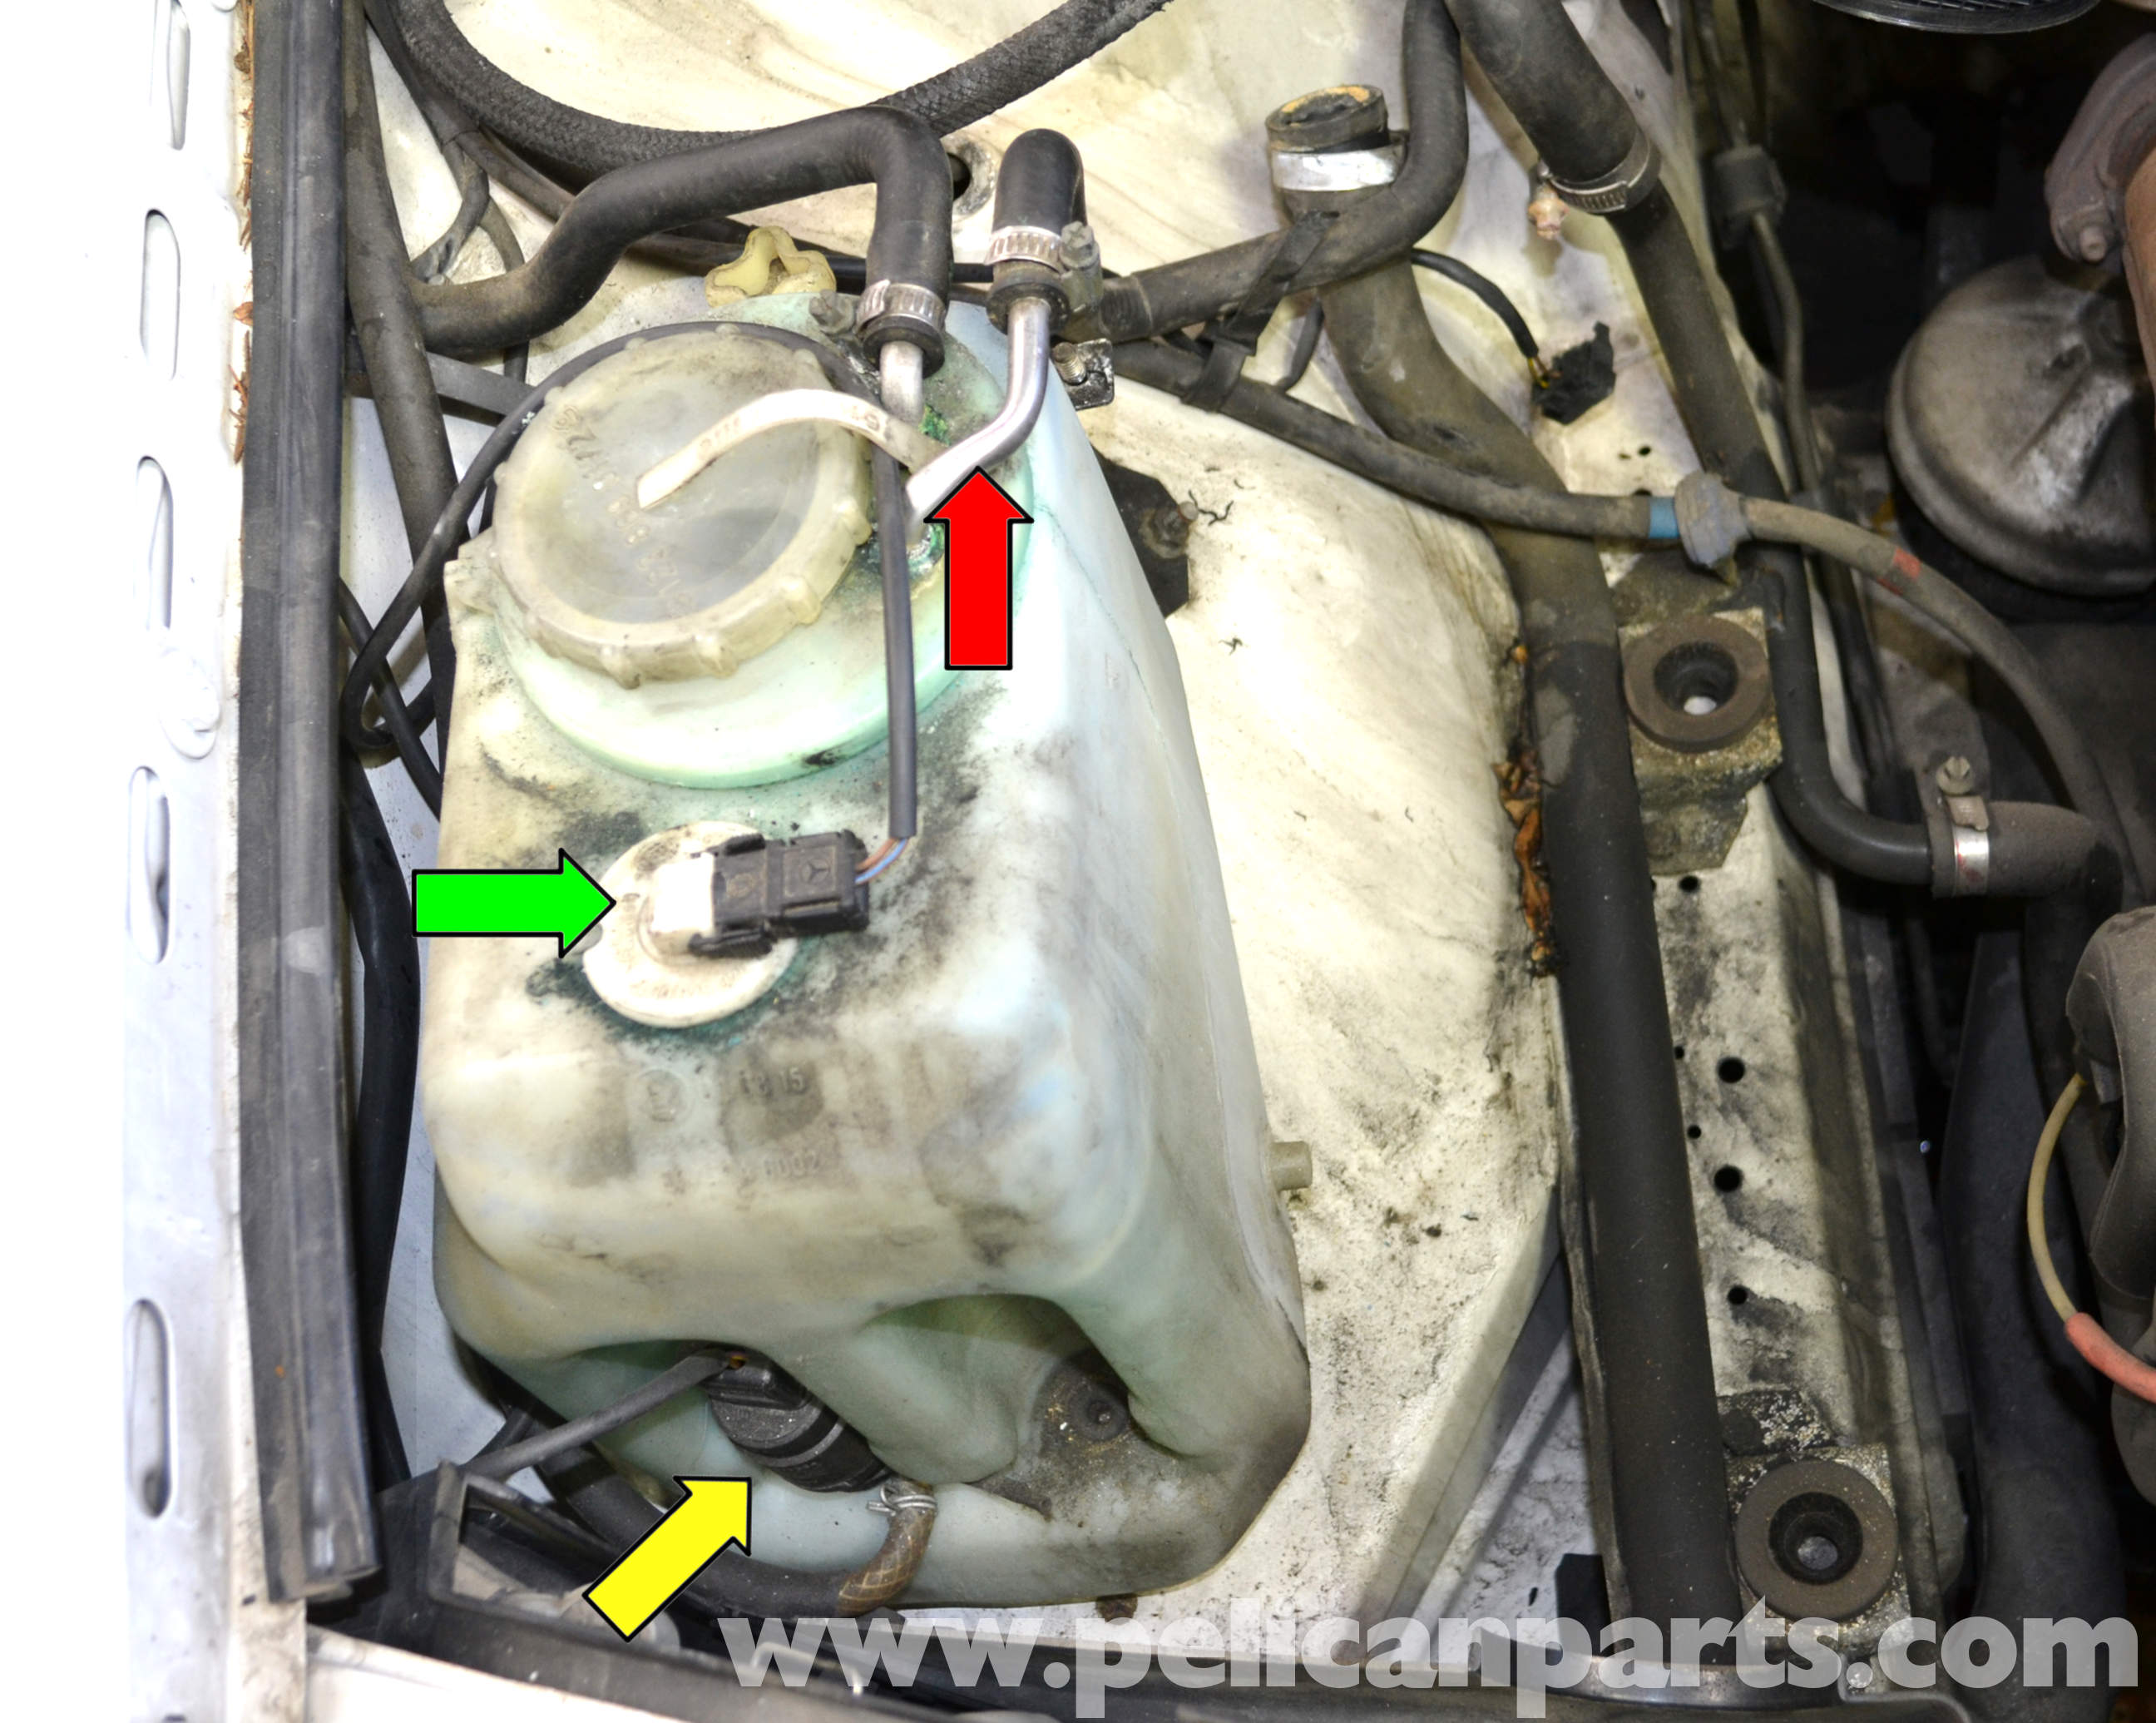 windshield washer pump location  windshield  free engine